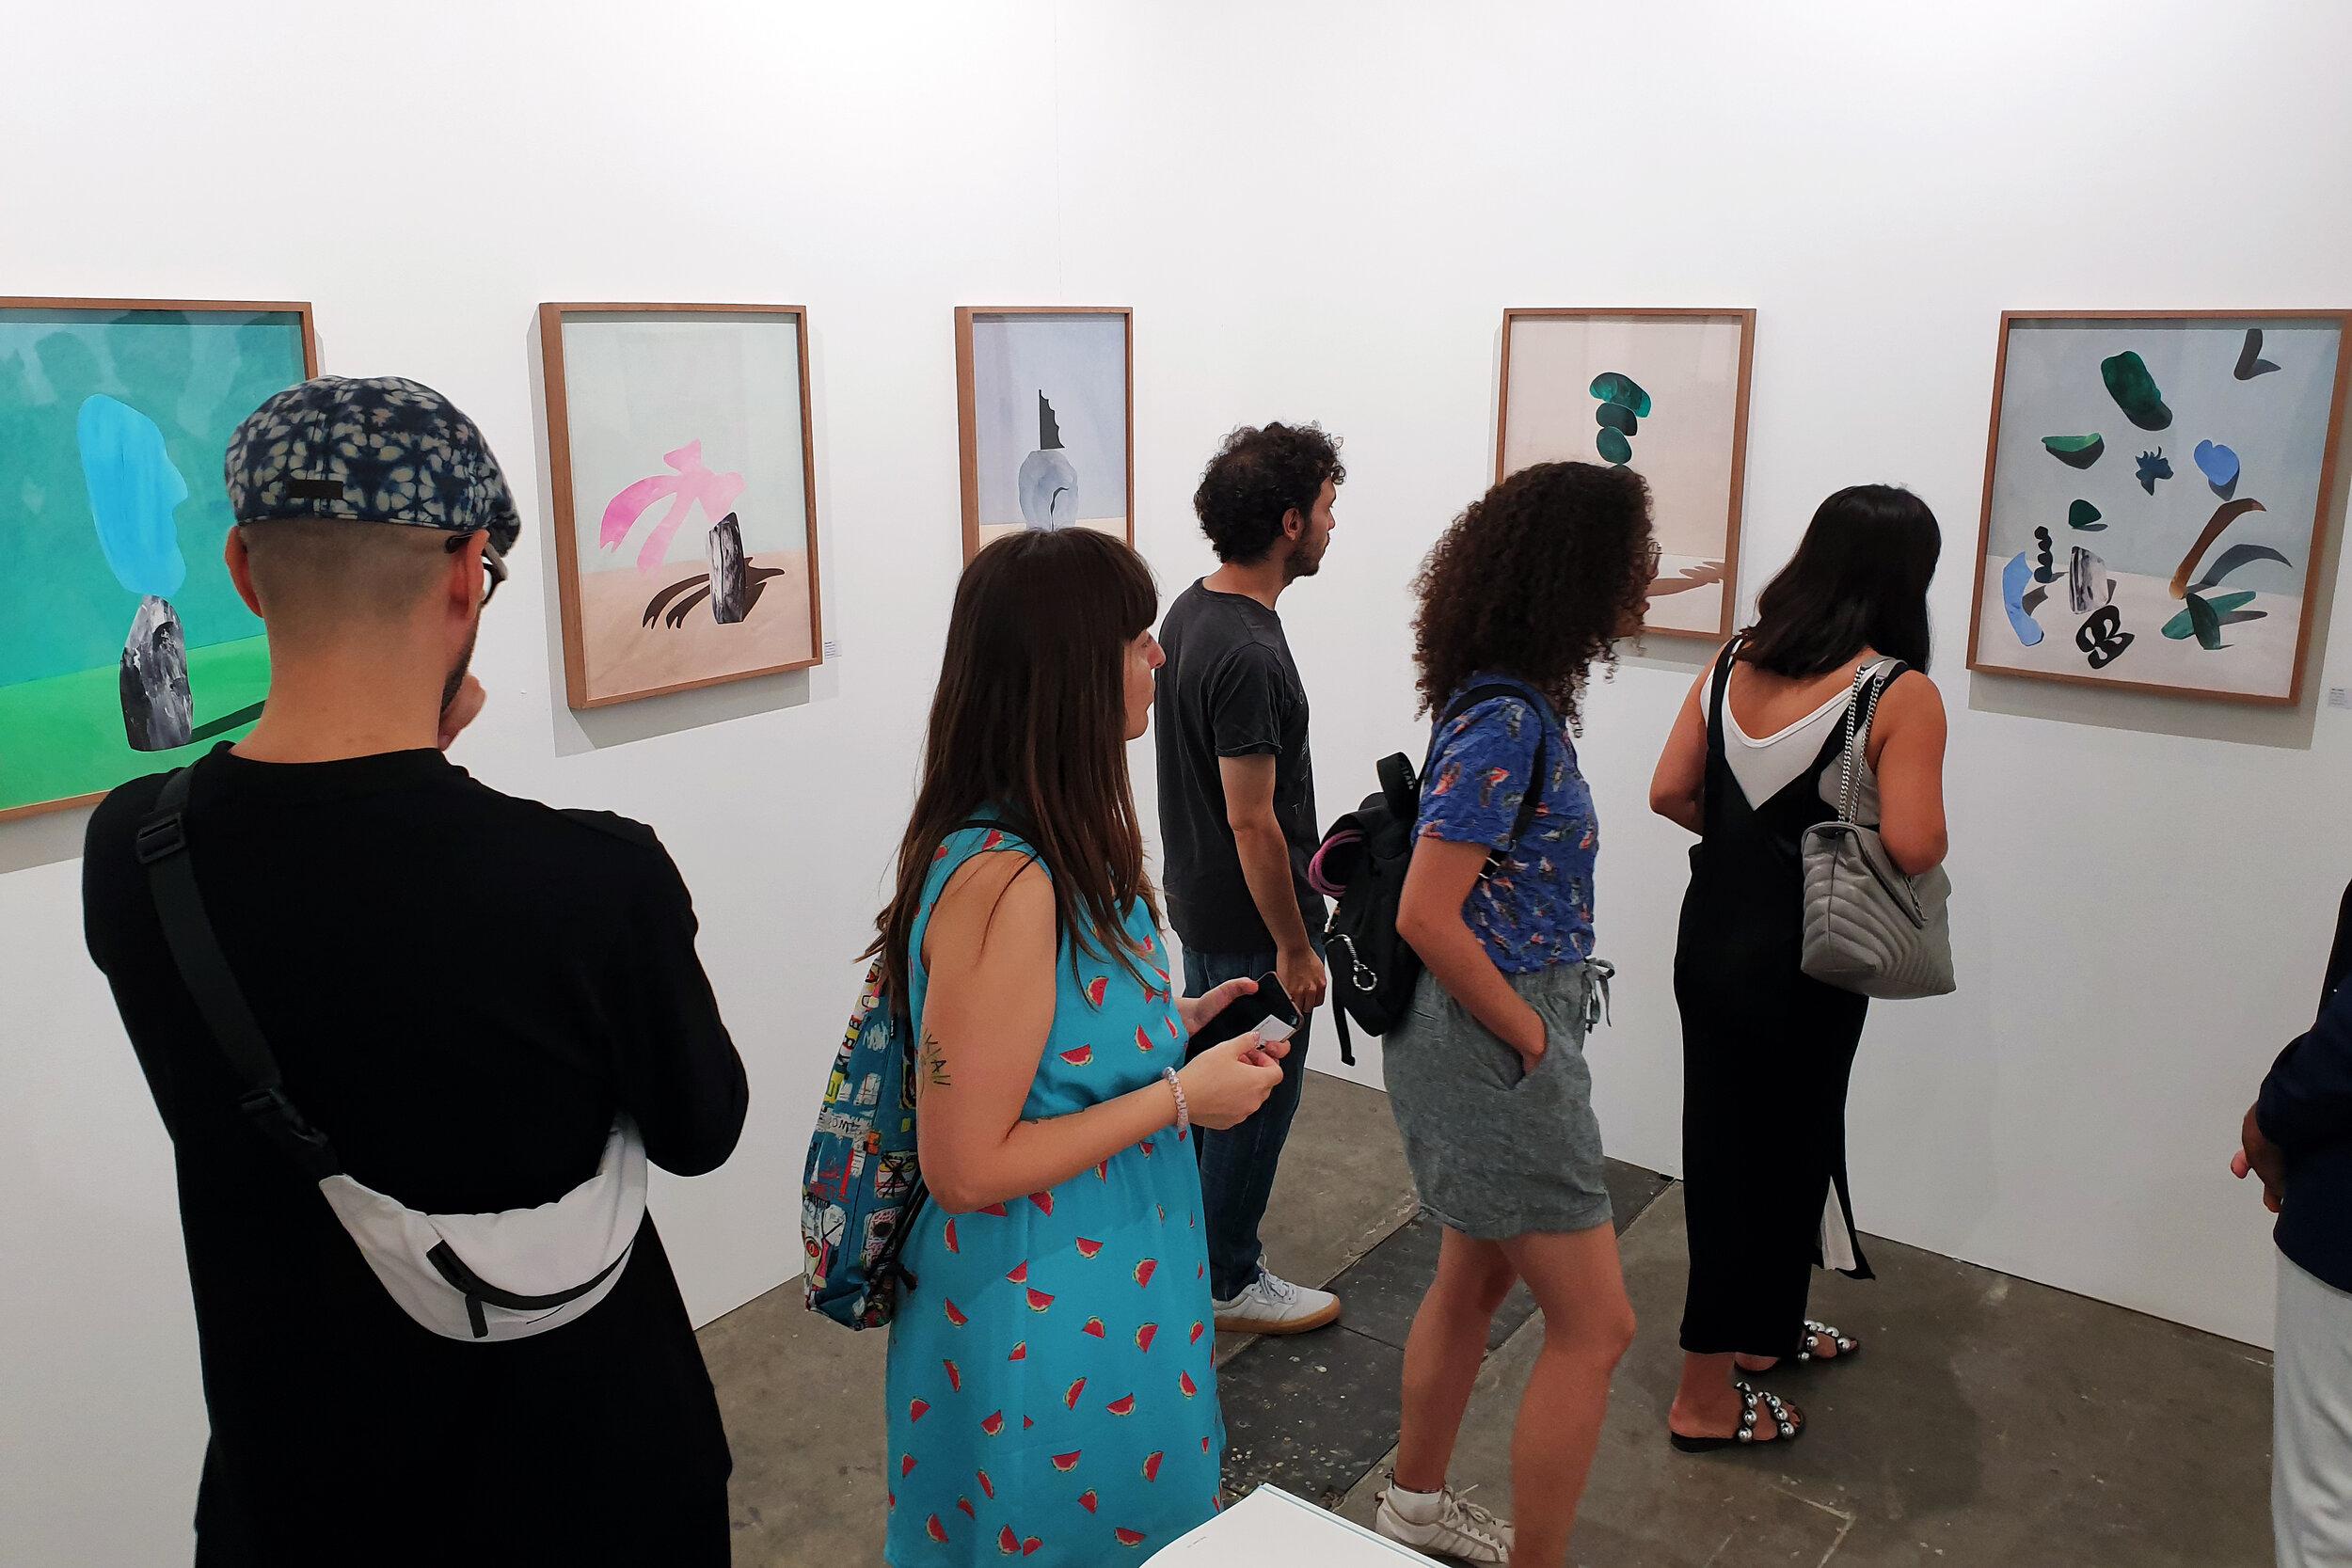 SWAB Barcelona Art Fair 2019   Ina Jang September 26 – September 29, 2019